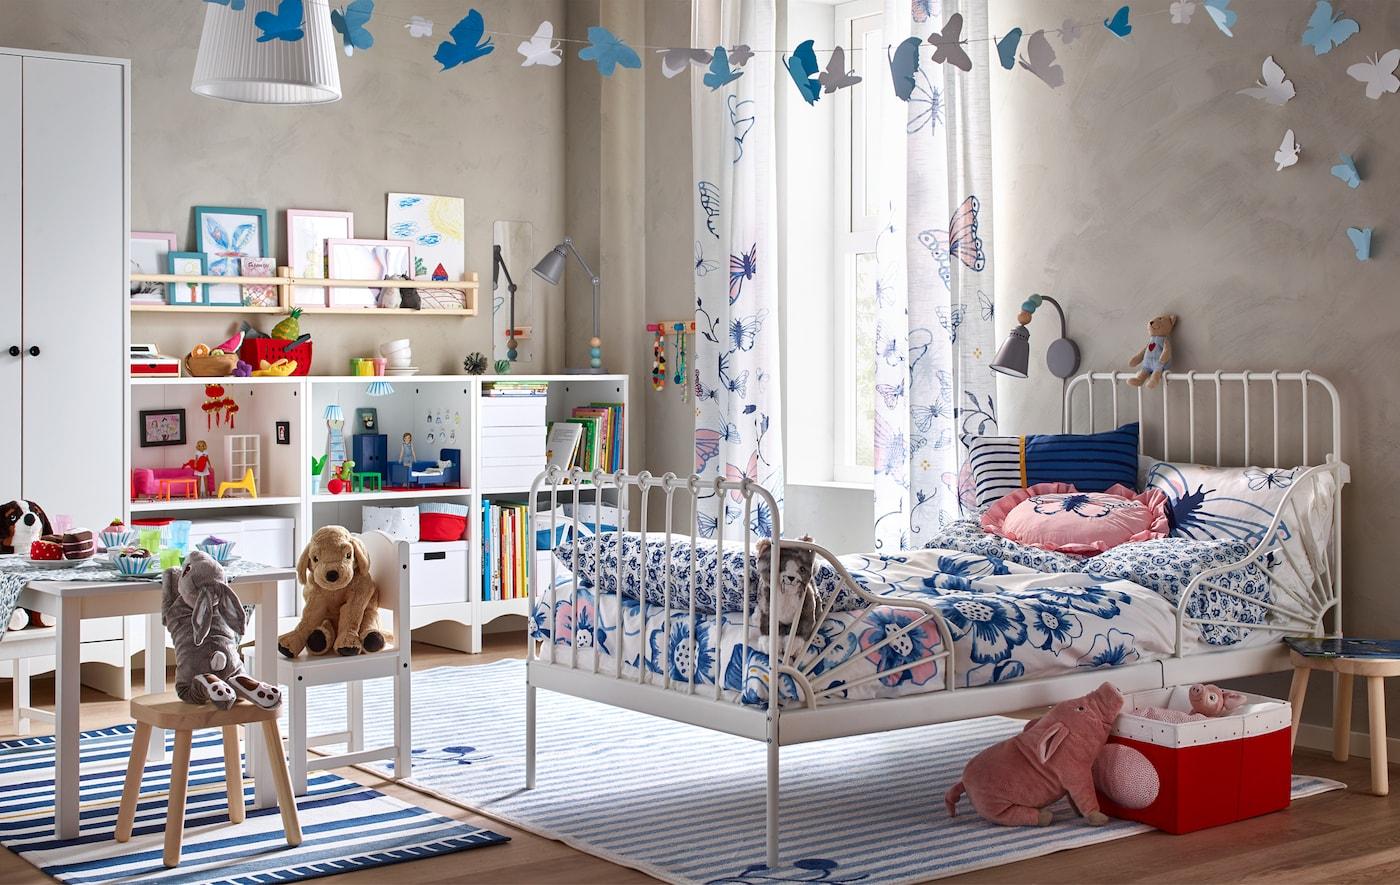 Une chambre à coucher d'enfant avec un lit blanc, des textiles floraux, une petite table et des chaises, et un meuble de rangement rempli de livres, de boîtes, et de jouets.